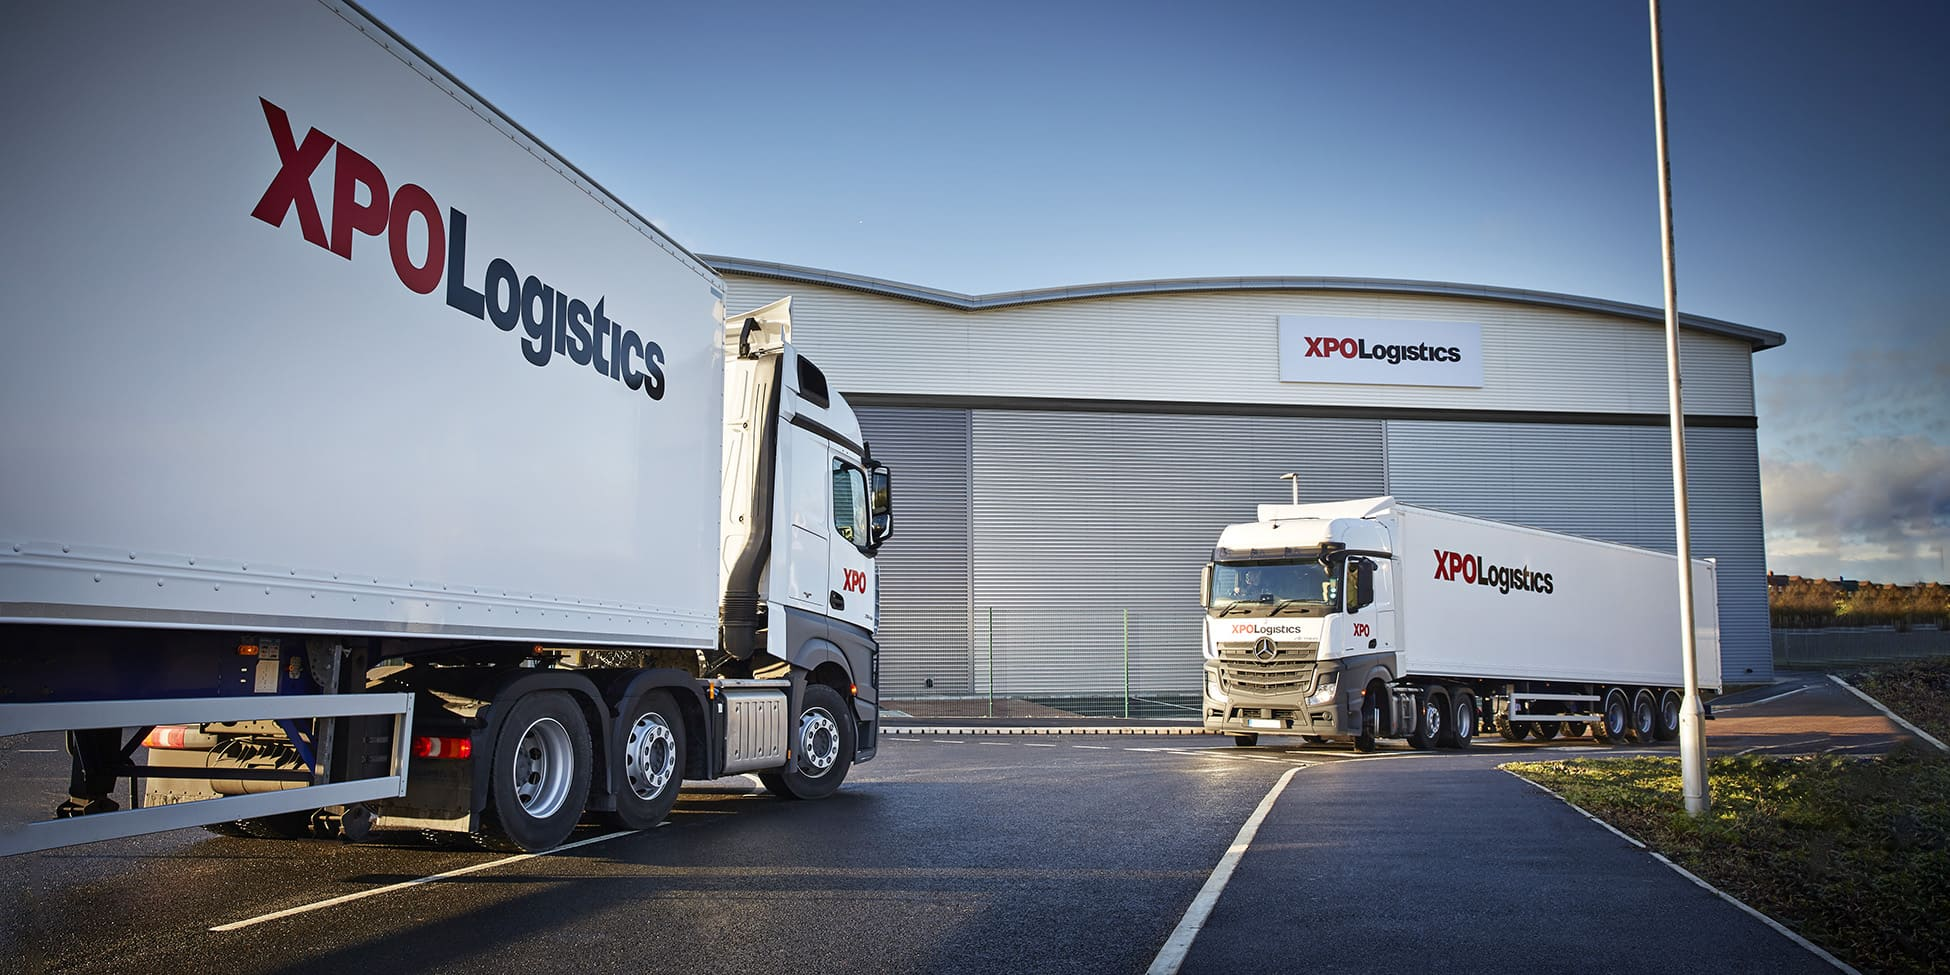 Чистая прибыль XPO Logistics в I квартале 2020 г. снизилась в 2 раза 3